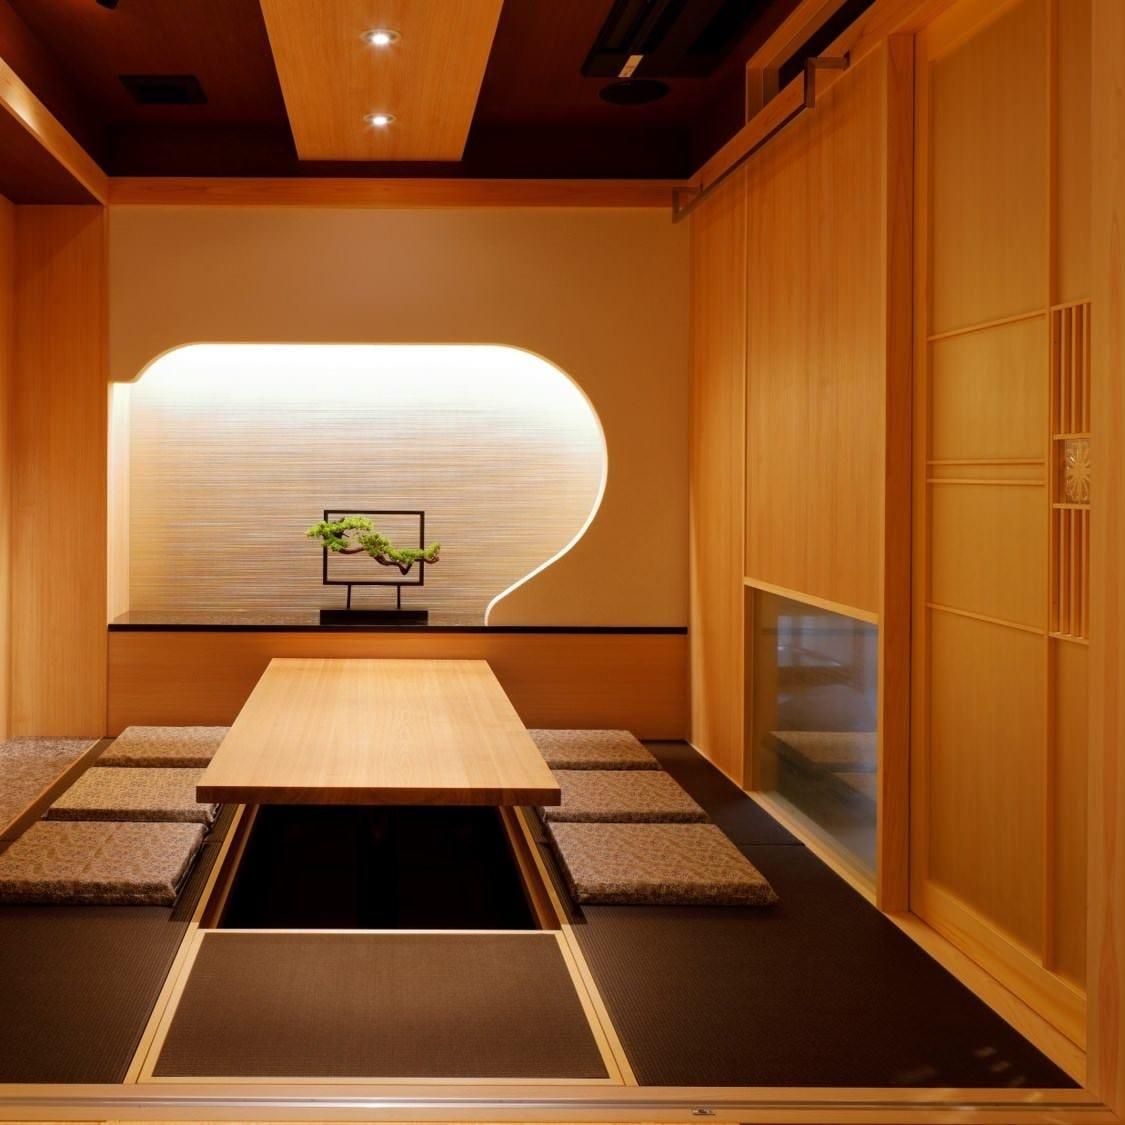 全室、完全個室の掘り炬燵席です。